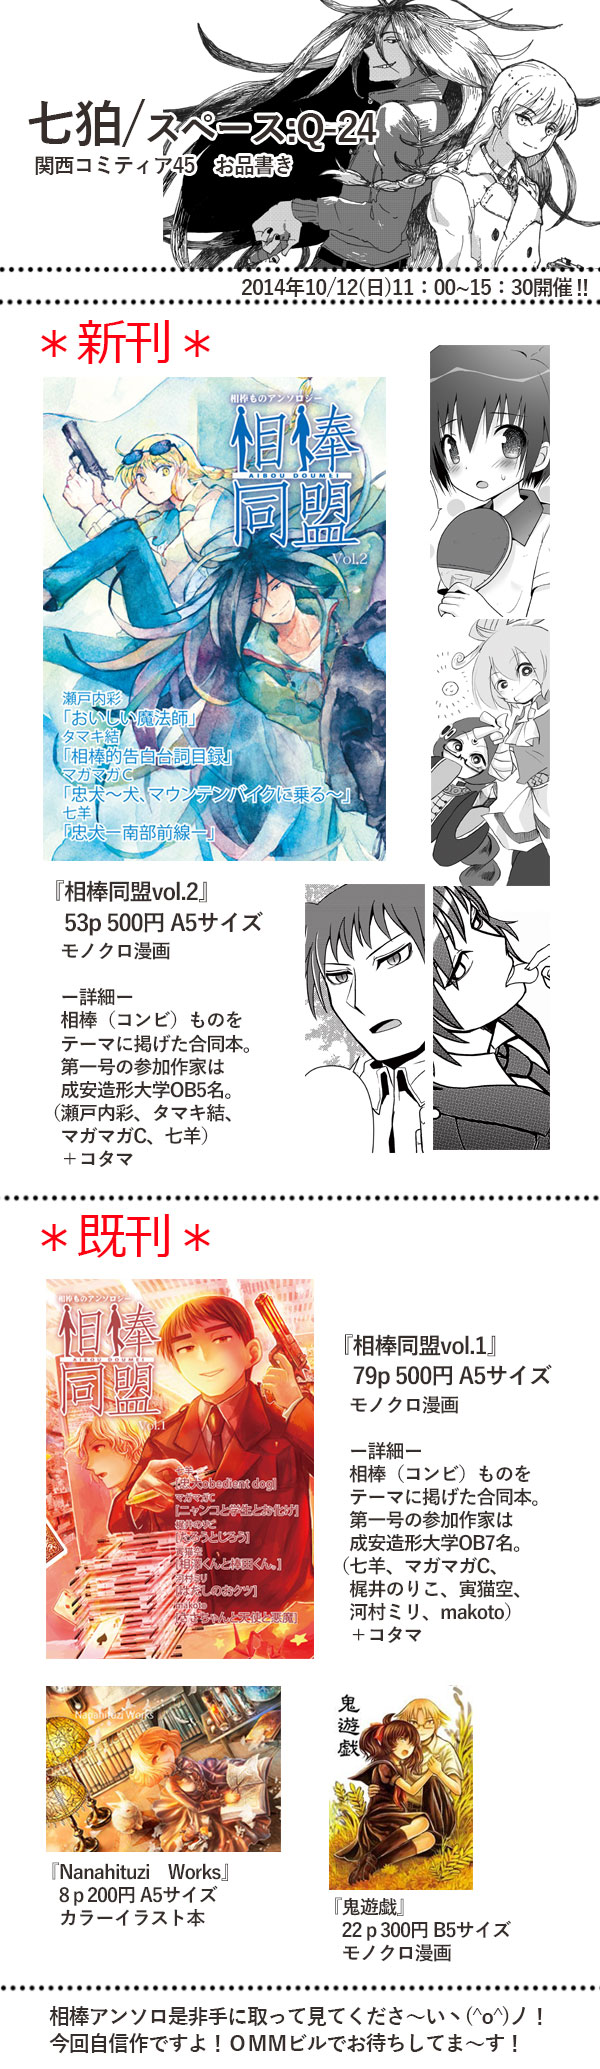 関西コミティア452014おしながき